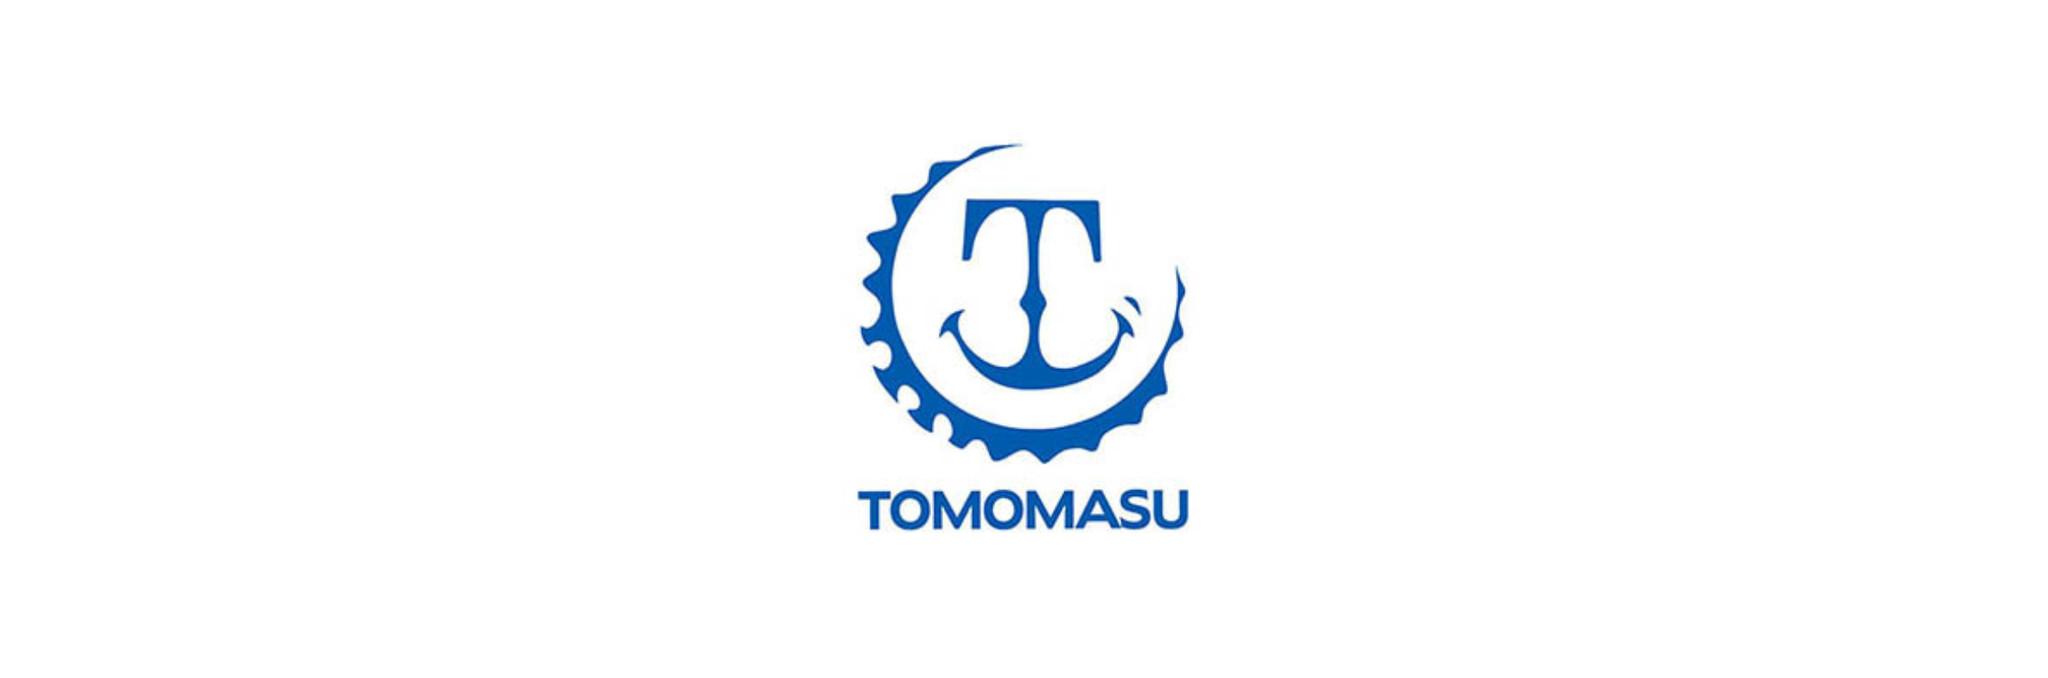 TOMOMASU